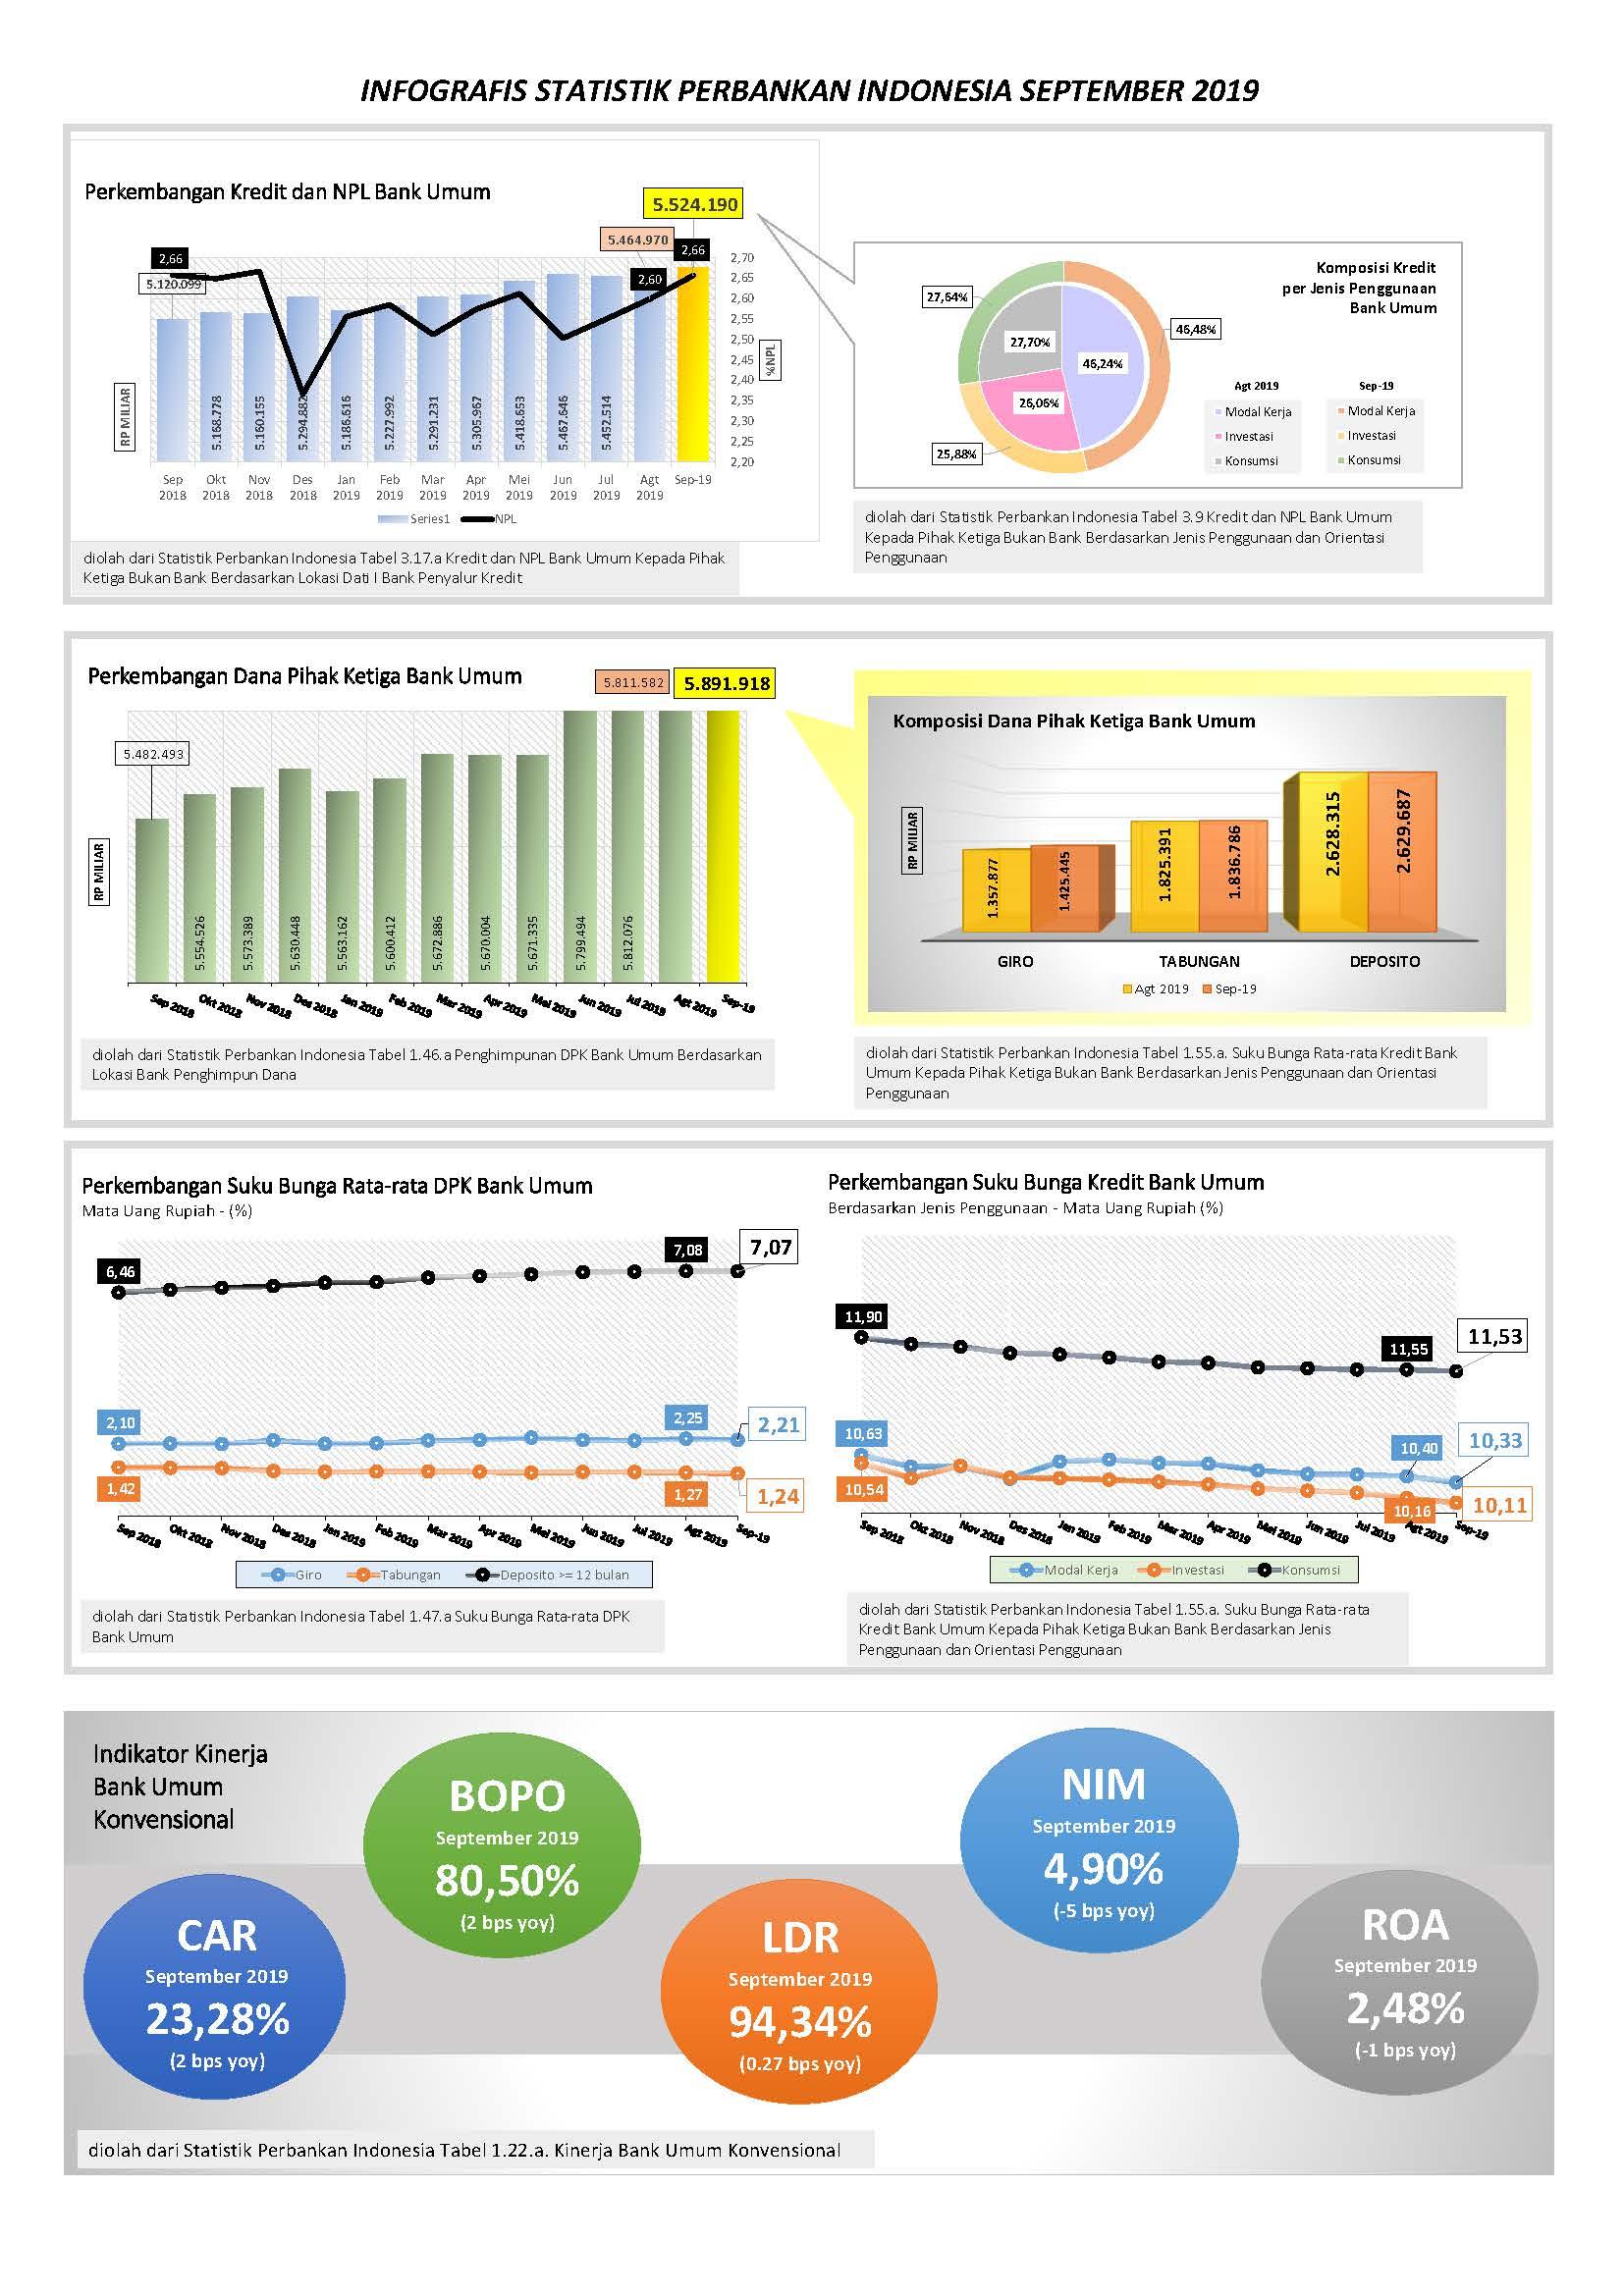 Statistik Perbankan Indonesia September 2019